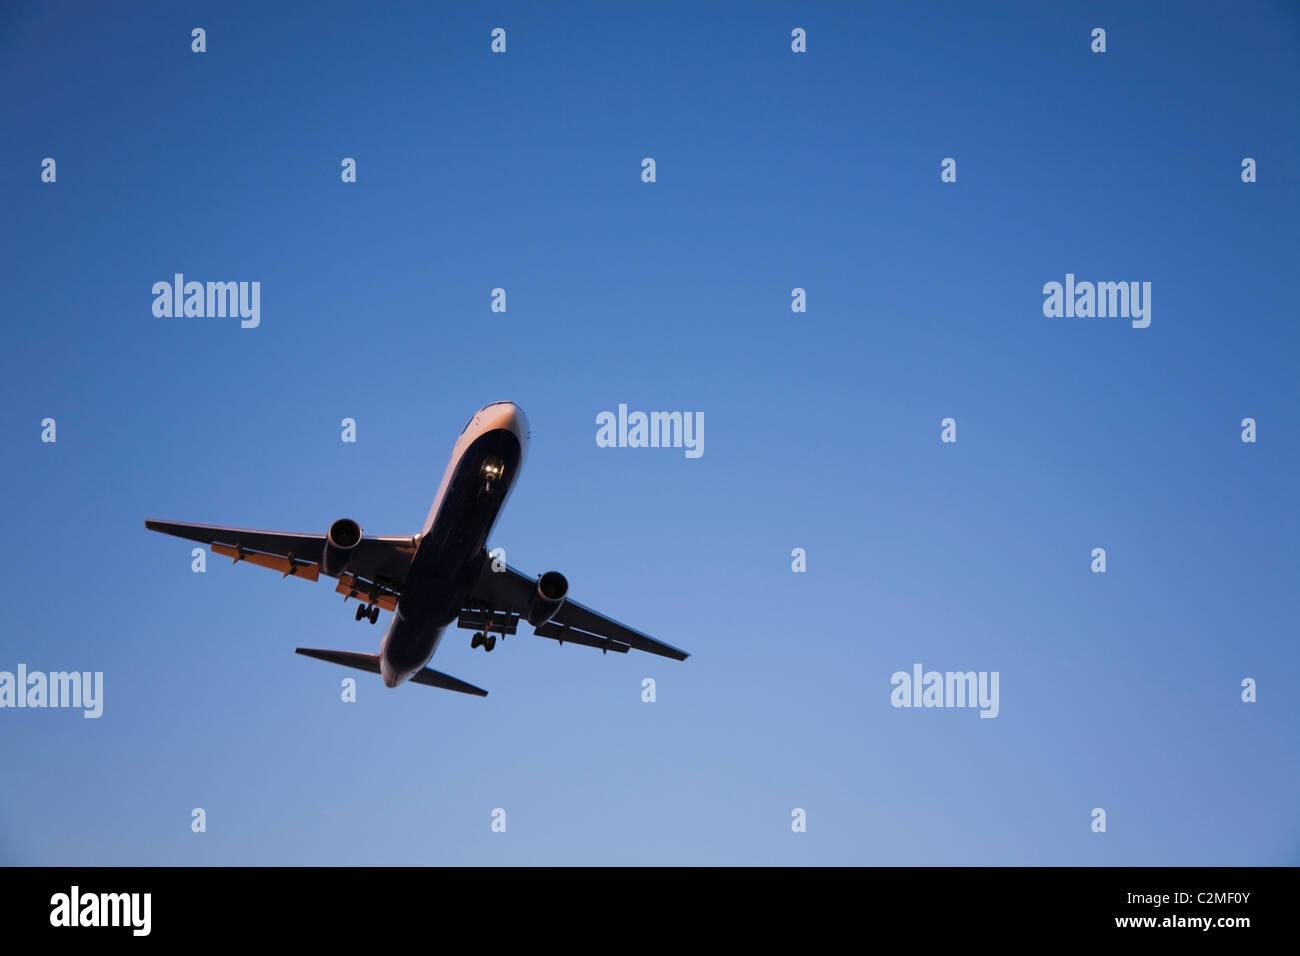 El aterrizaje de aviones jet comerciales; Dorval, Quebec, Canadá Imagen De Stock